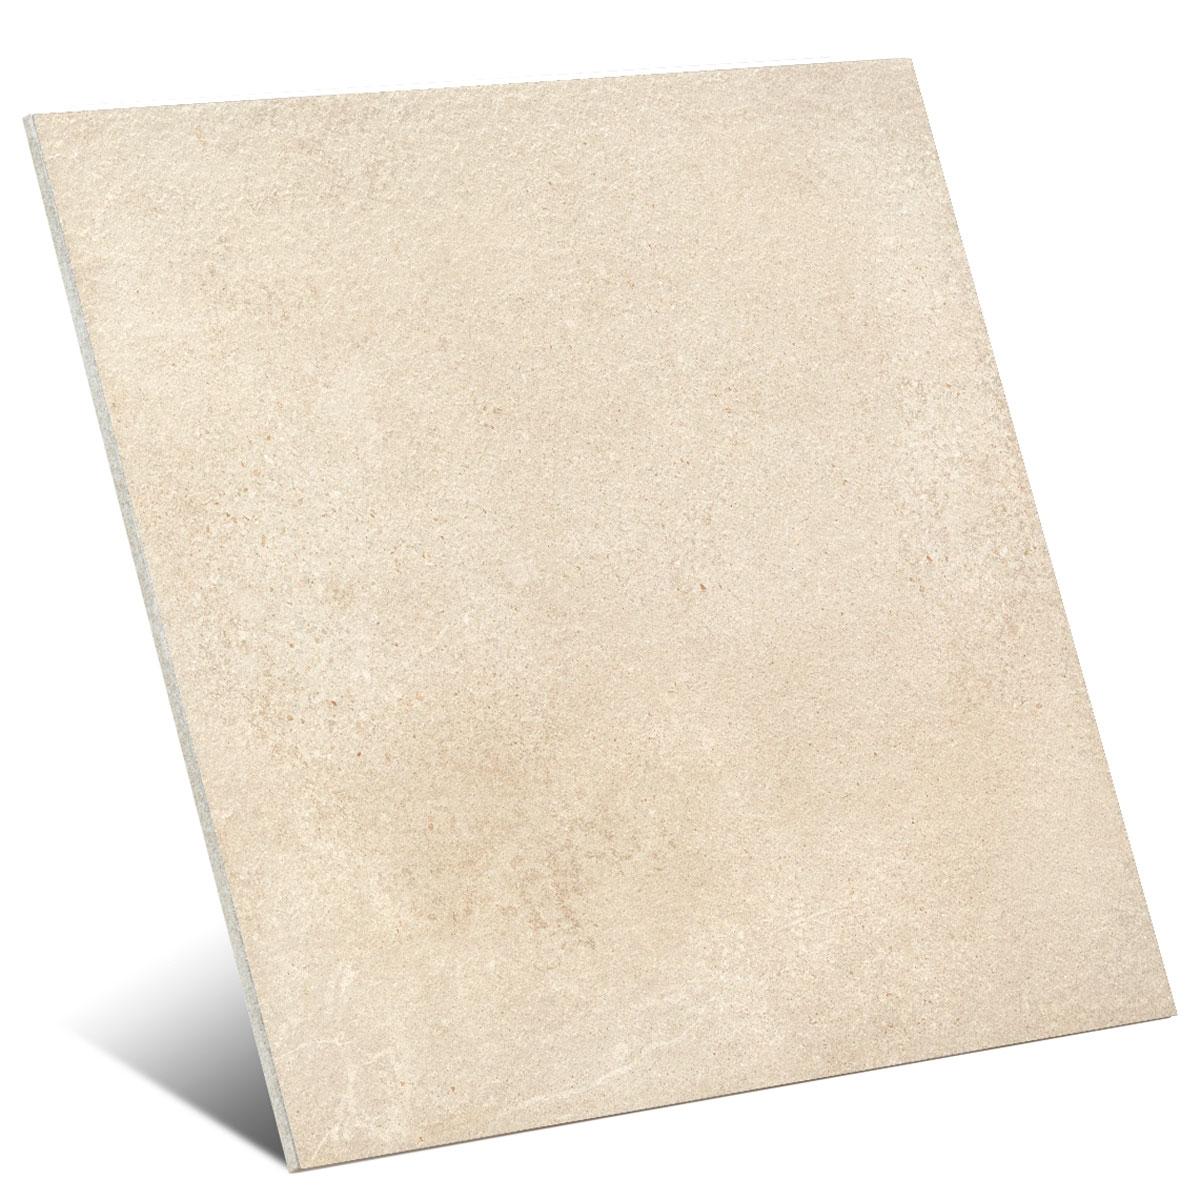 Monolith Beige 60x60 20mm (caja de 0.70 m2)